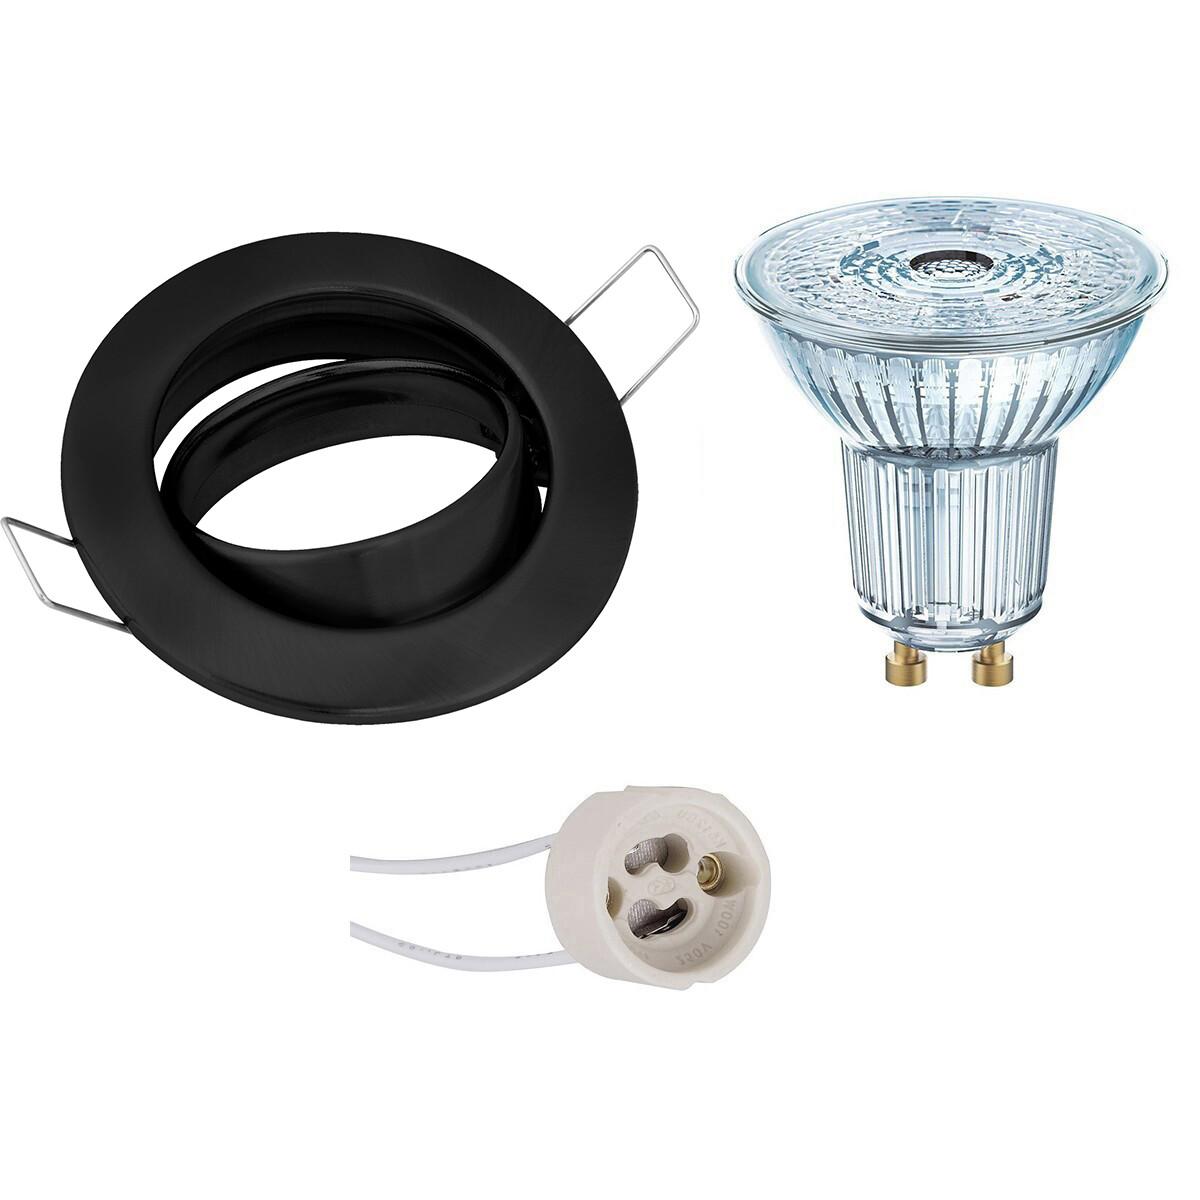 OSRAM - LED Spot Set - Parathom PAR16 940 36D - GU10 Fitting - Dimbaar - Inbouw Rond - Mat Zwart - 3